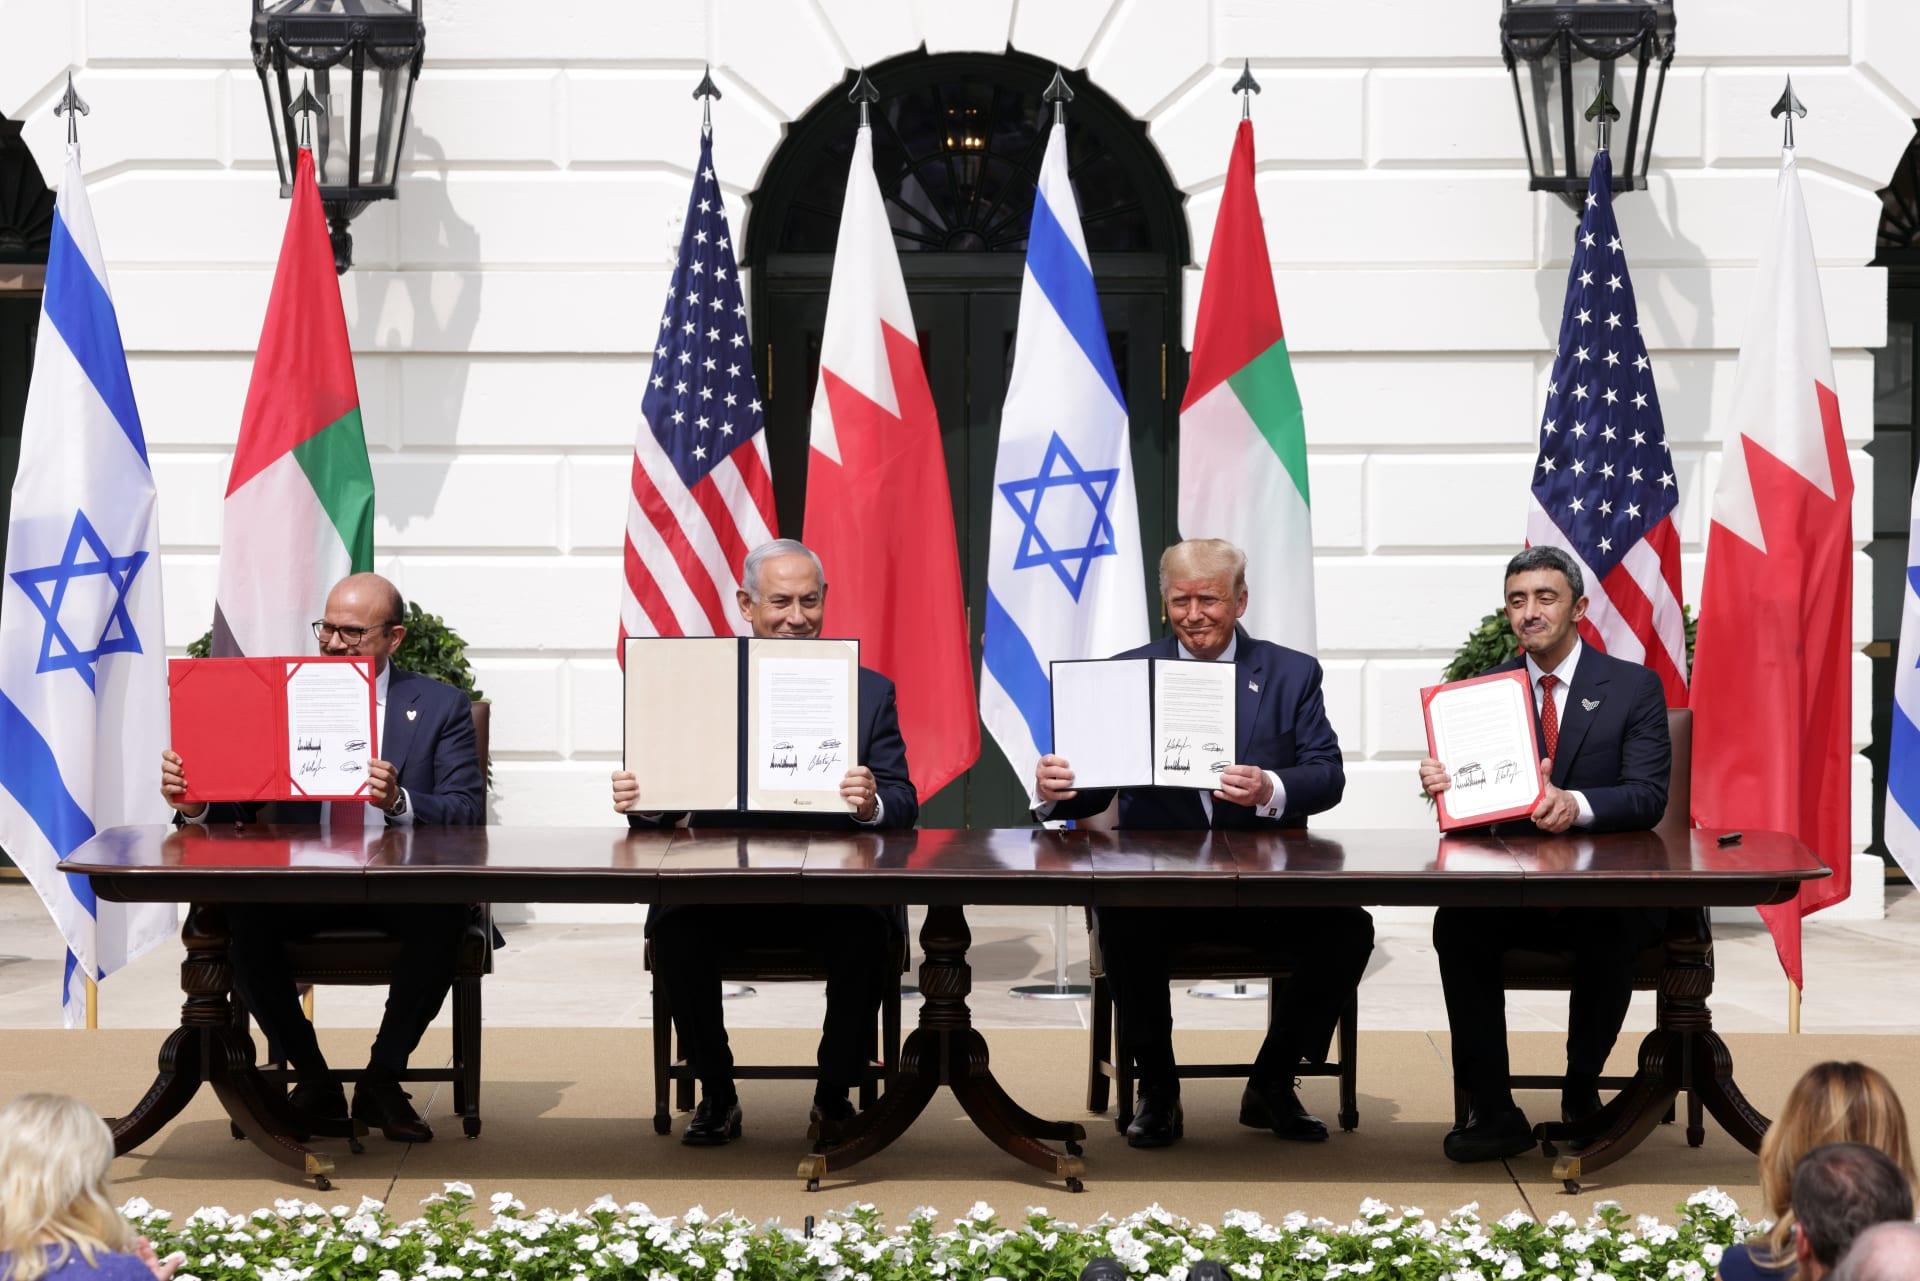 حفل توقيع اتفاقات السلام في البيت الأبيض